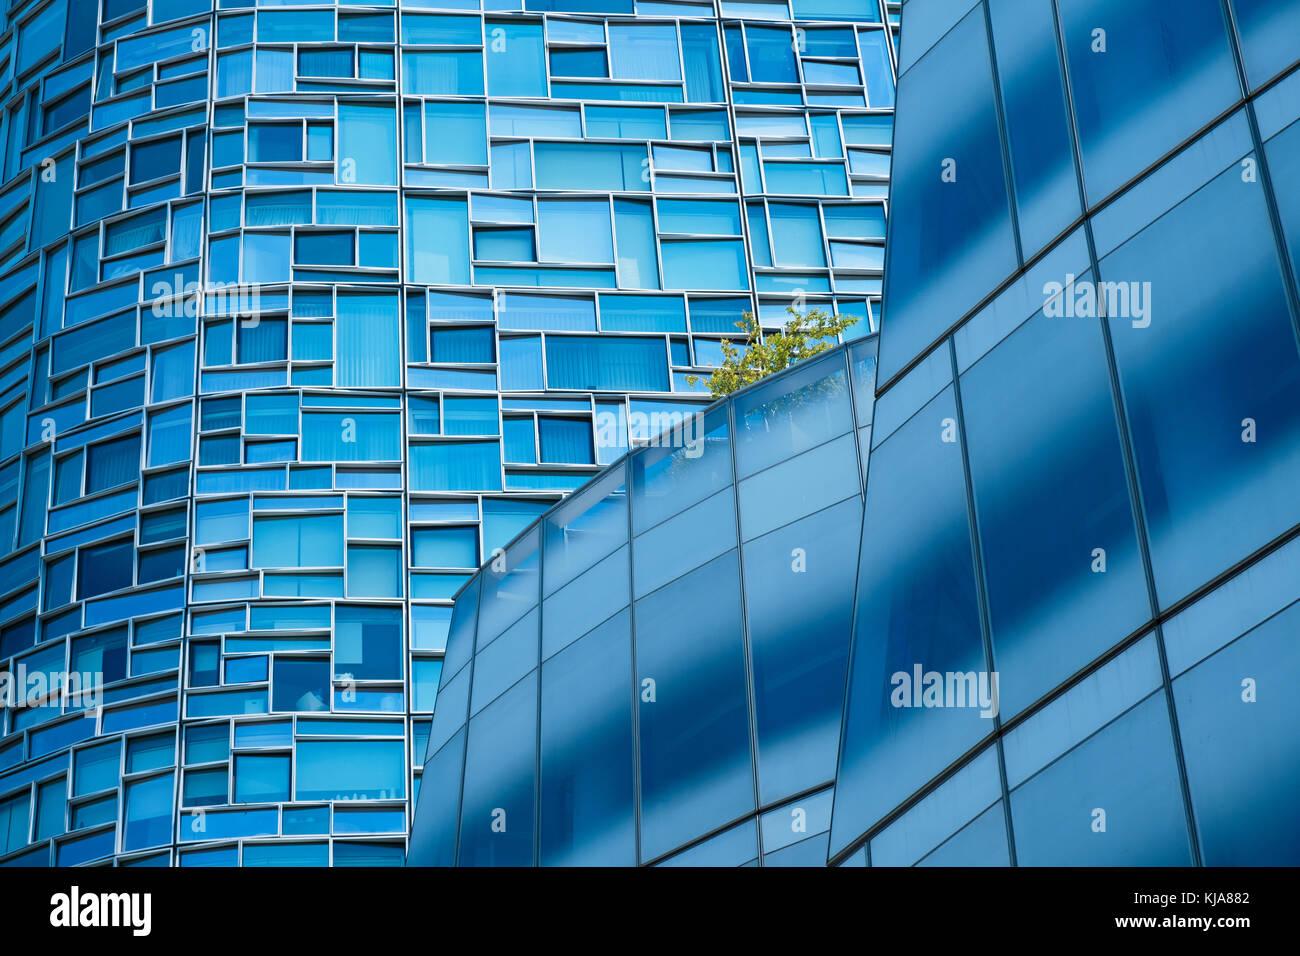 Detalle de los rascacielos de Nueva York. Imagen De Stock